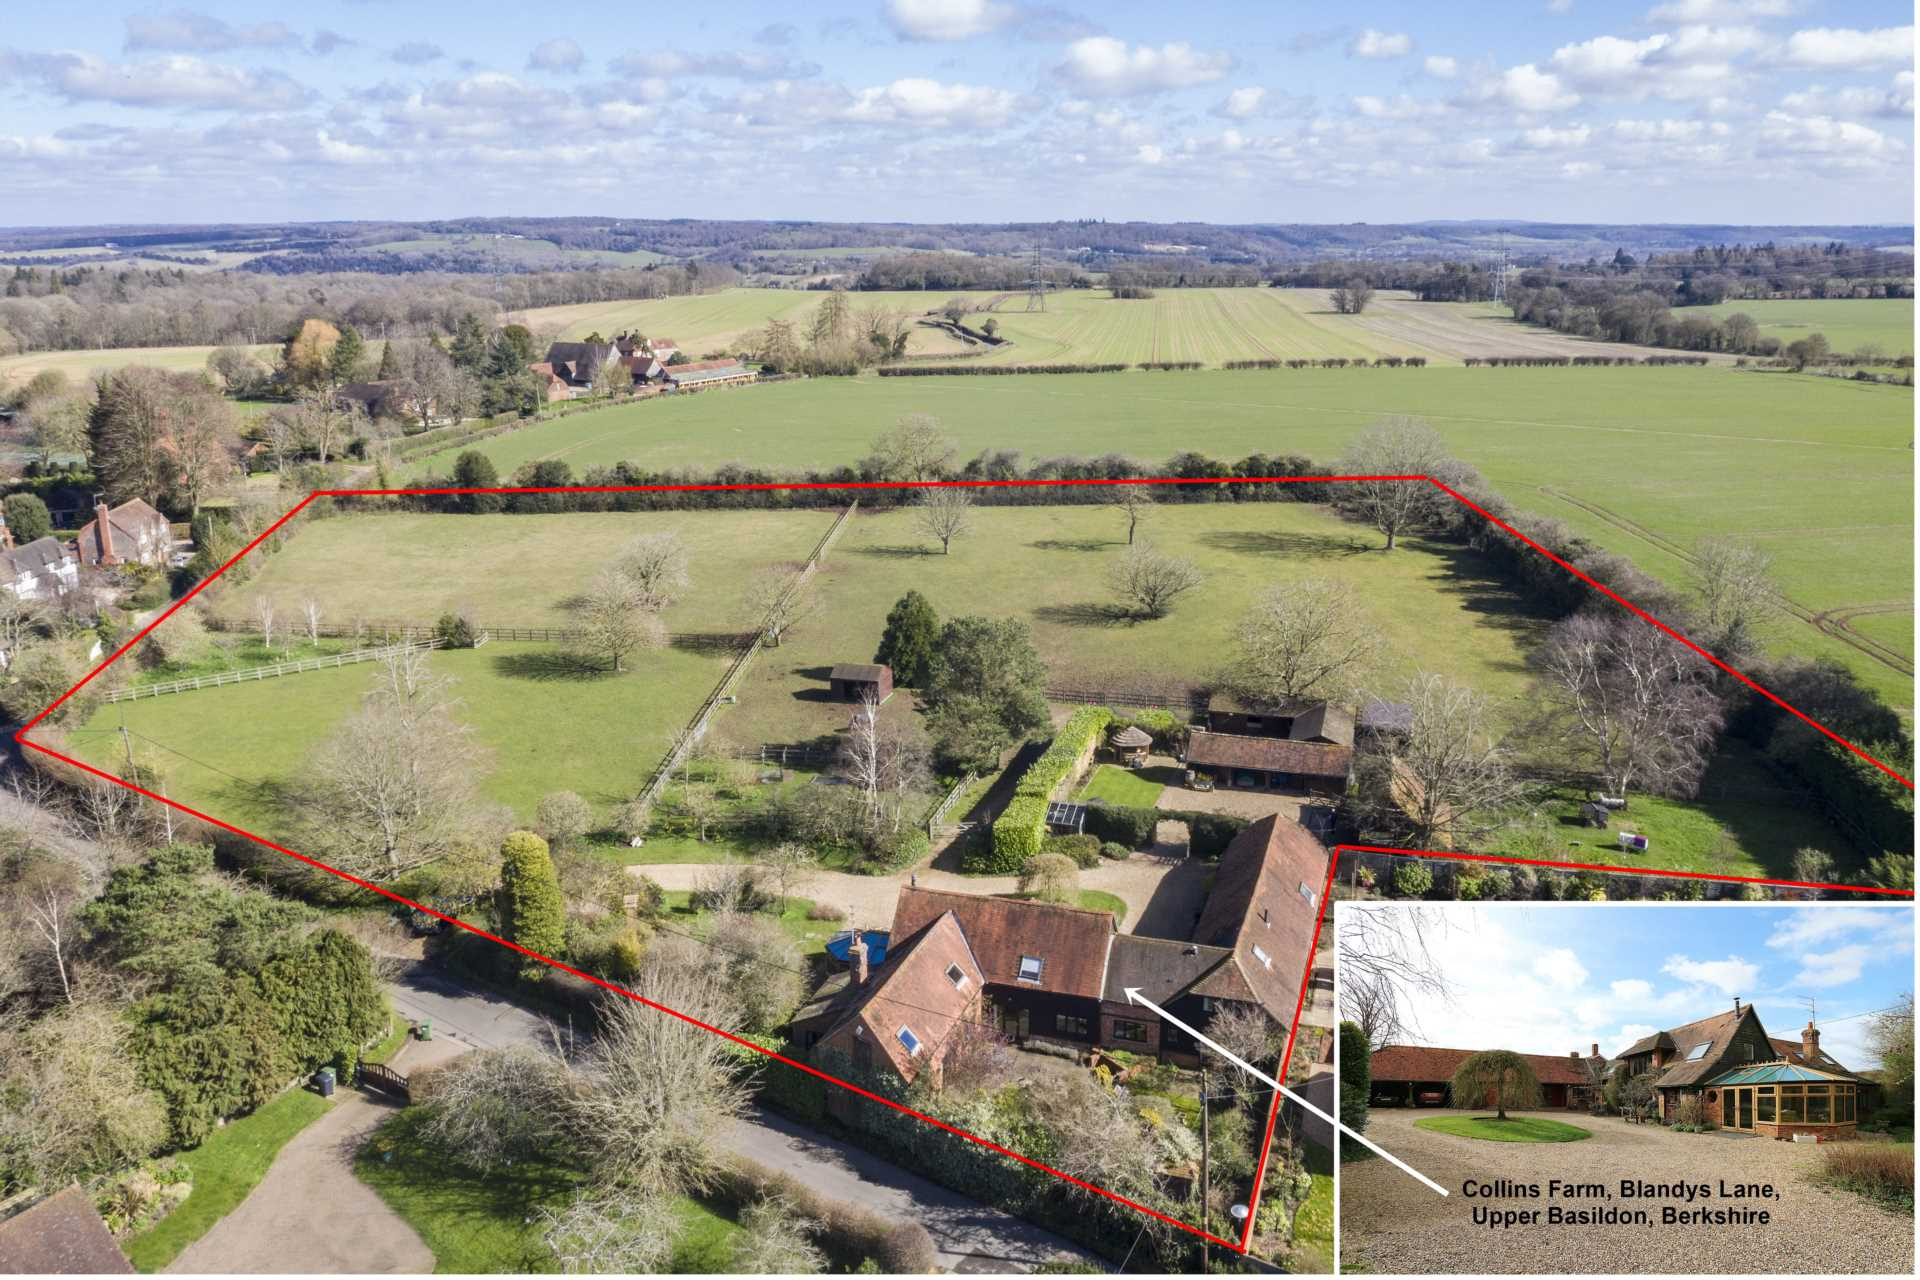 Blandys Lane, Upper Basildon, Berkshire, Image 1